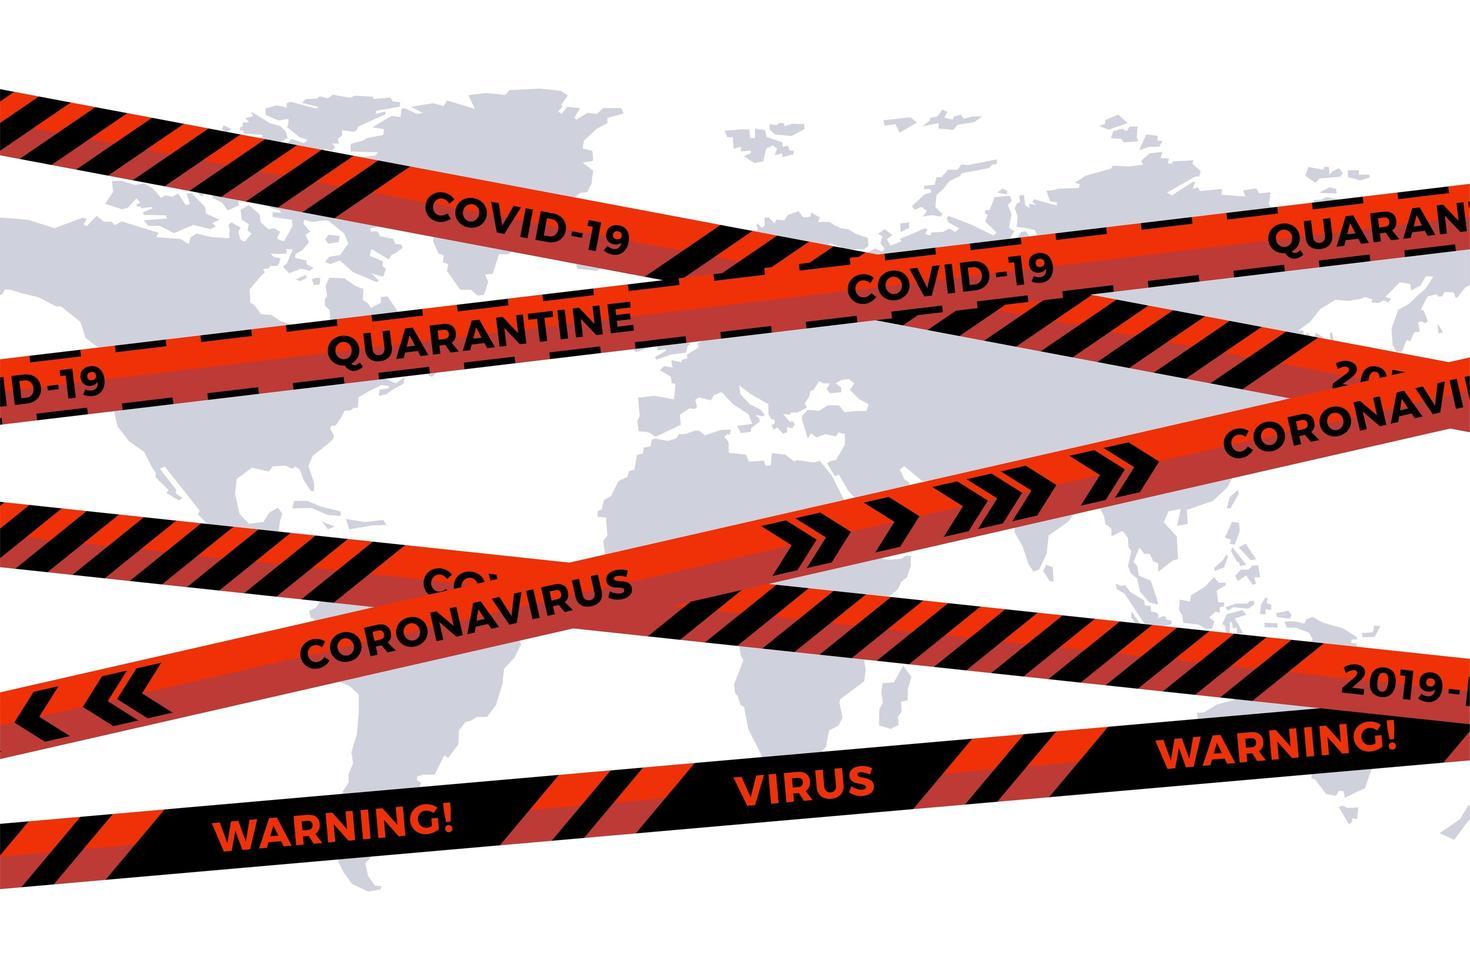 fita do perigo do risco biológico do vetor no fundo do mapa do mundo do corte do papel branco. fita de esgrima de segurança. gripe de quarentena mundial. aviso perigo de gripe. coronavírus pandêmico global covid-19